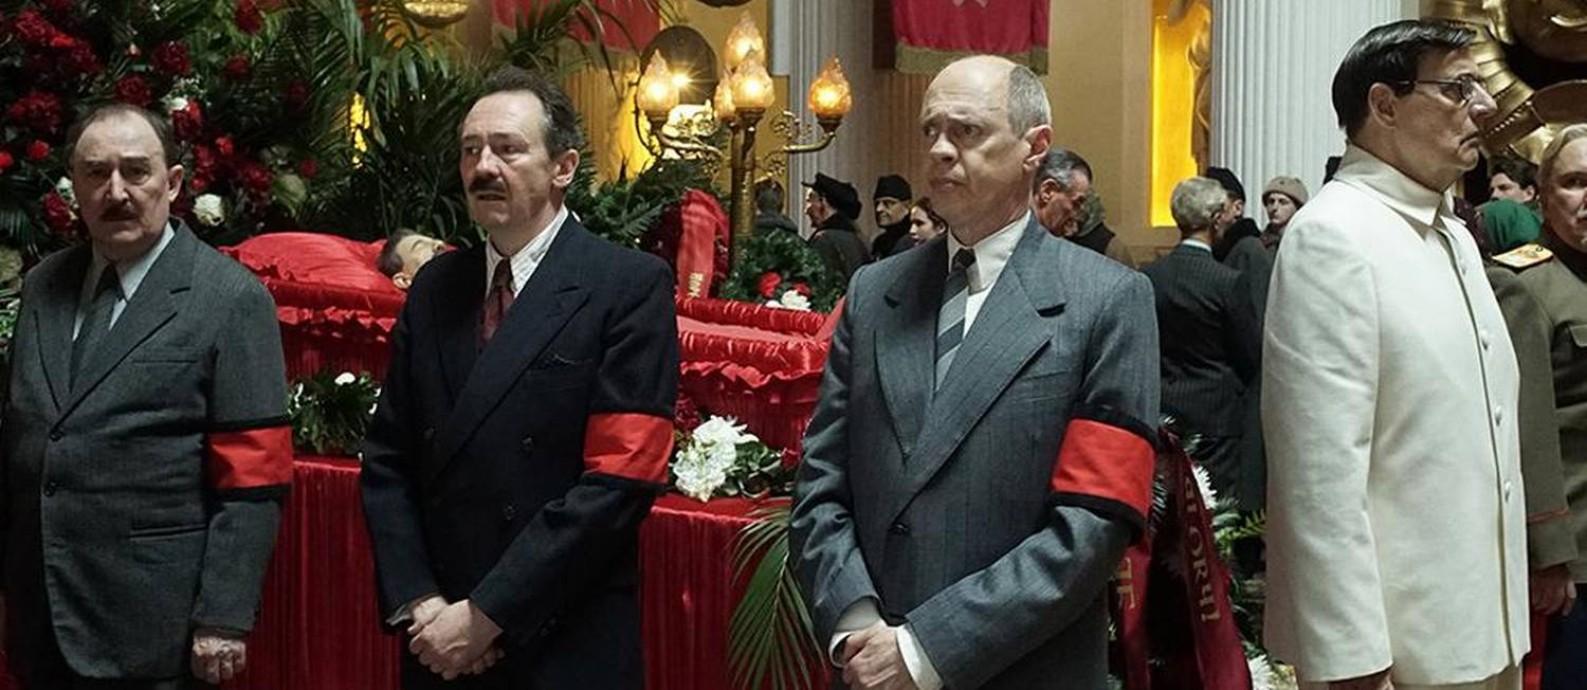 Cena do filme A morte de Stalin Foto: Divulgação